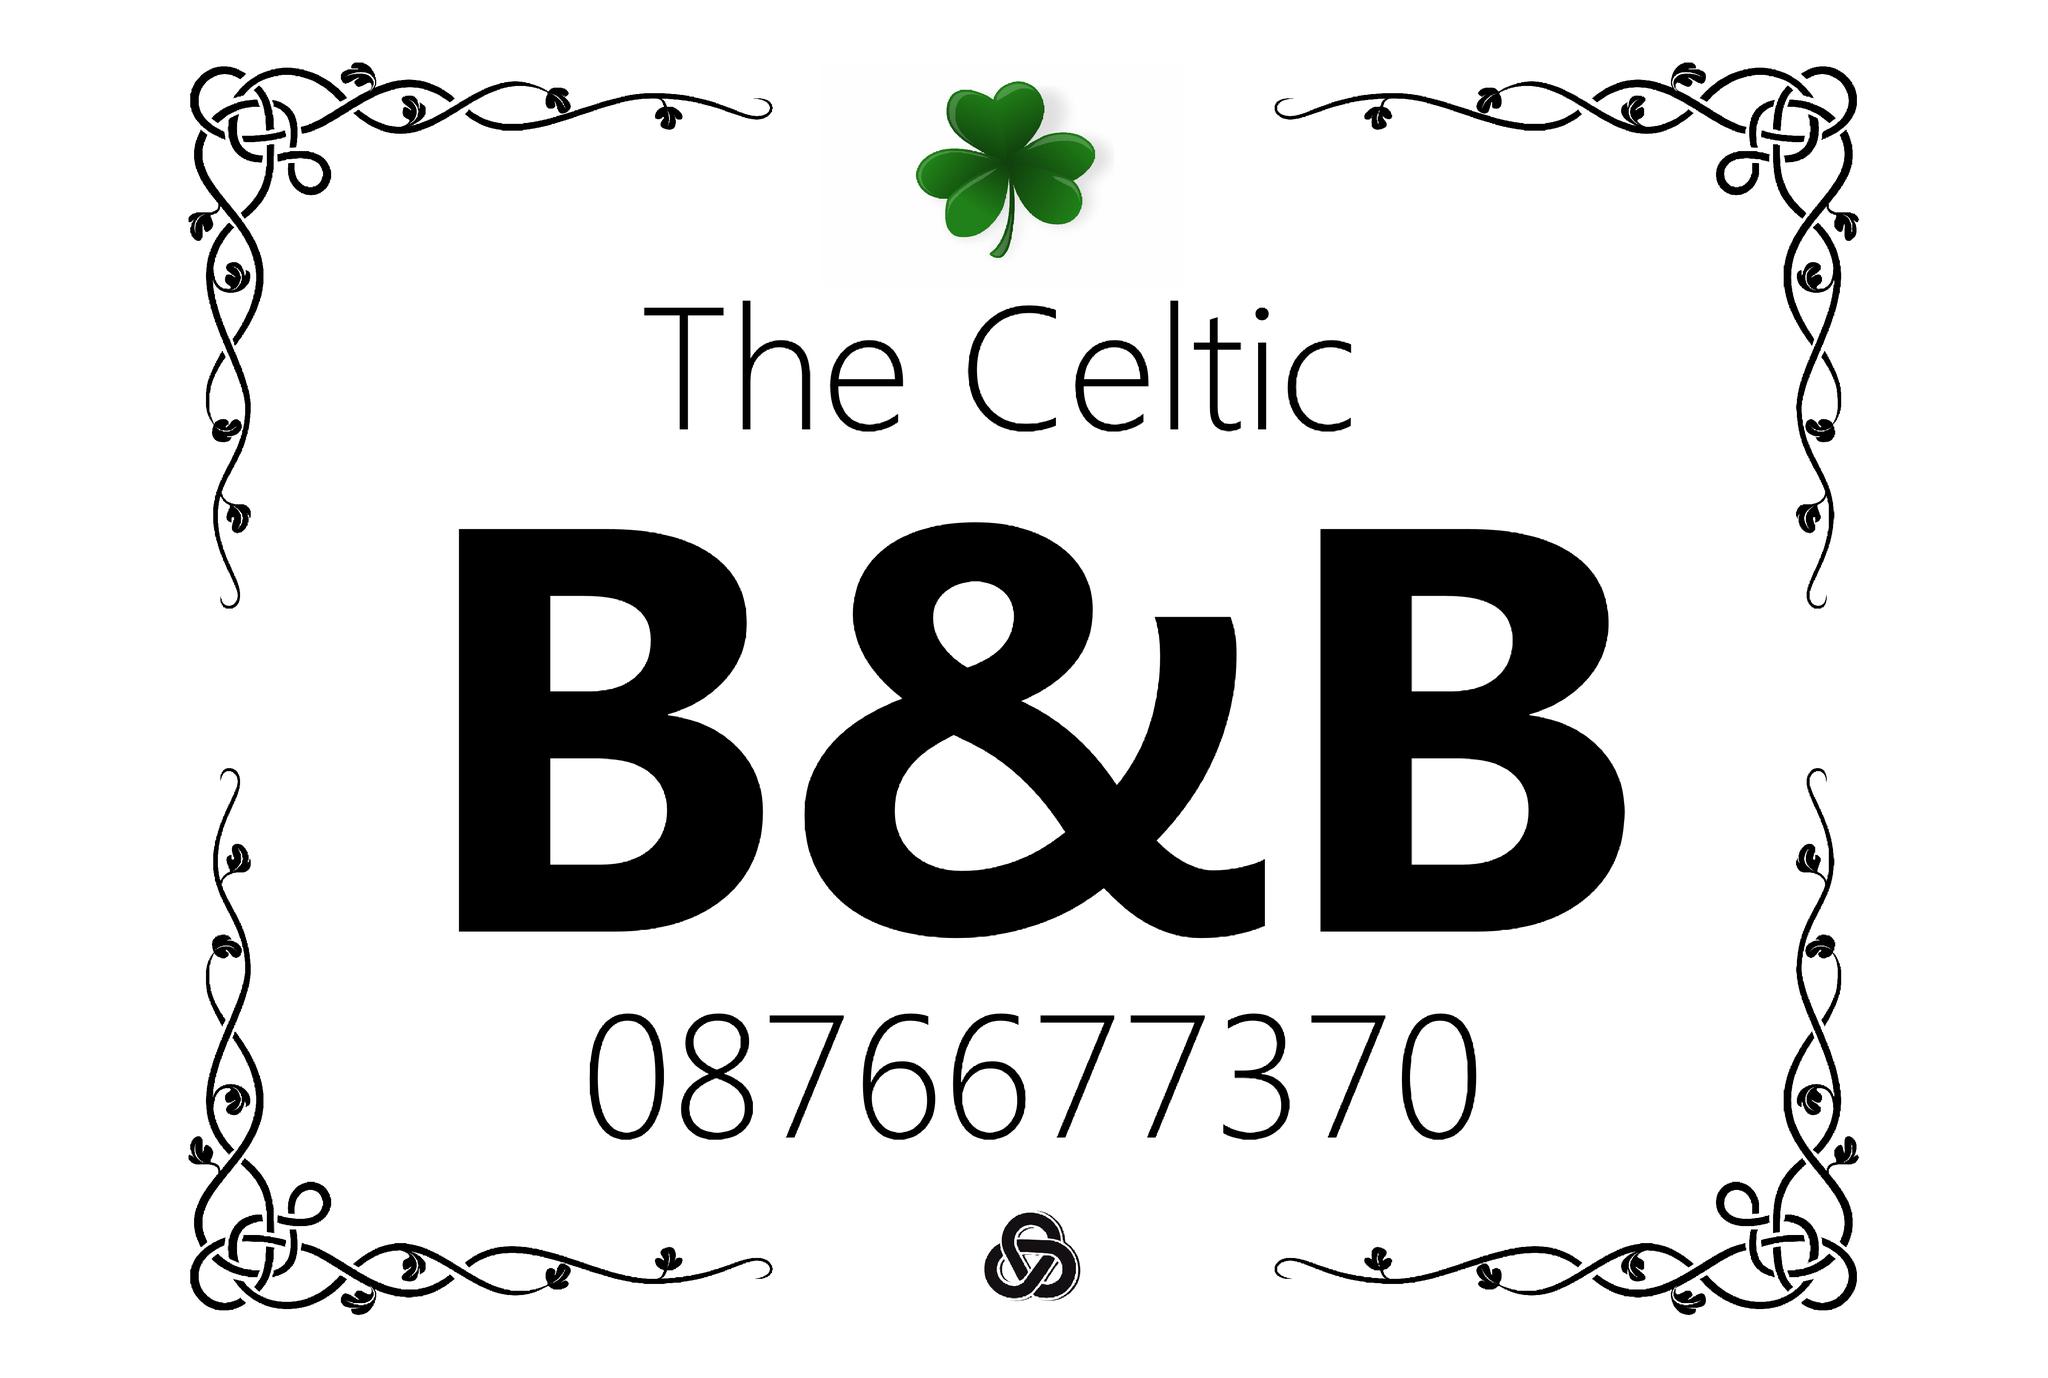 The Celtic B&B